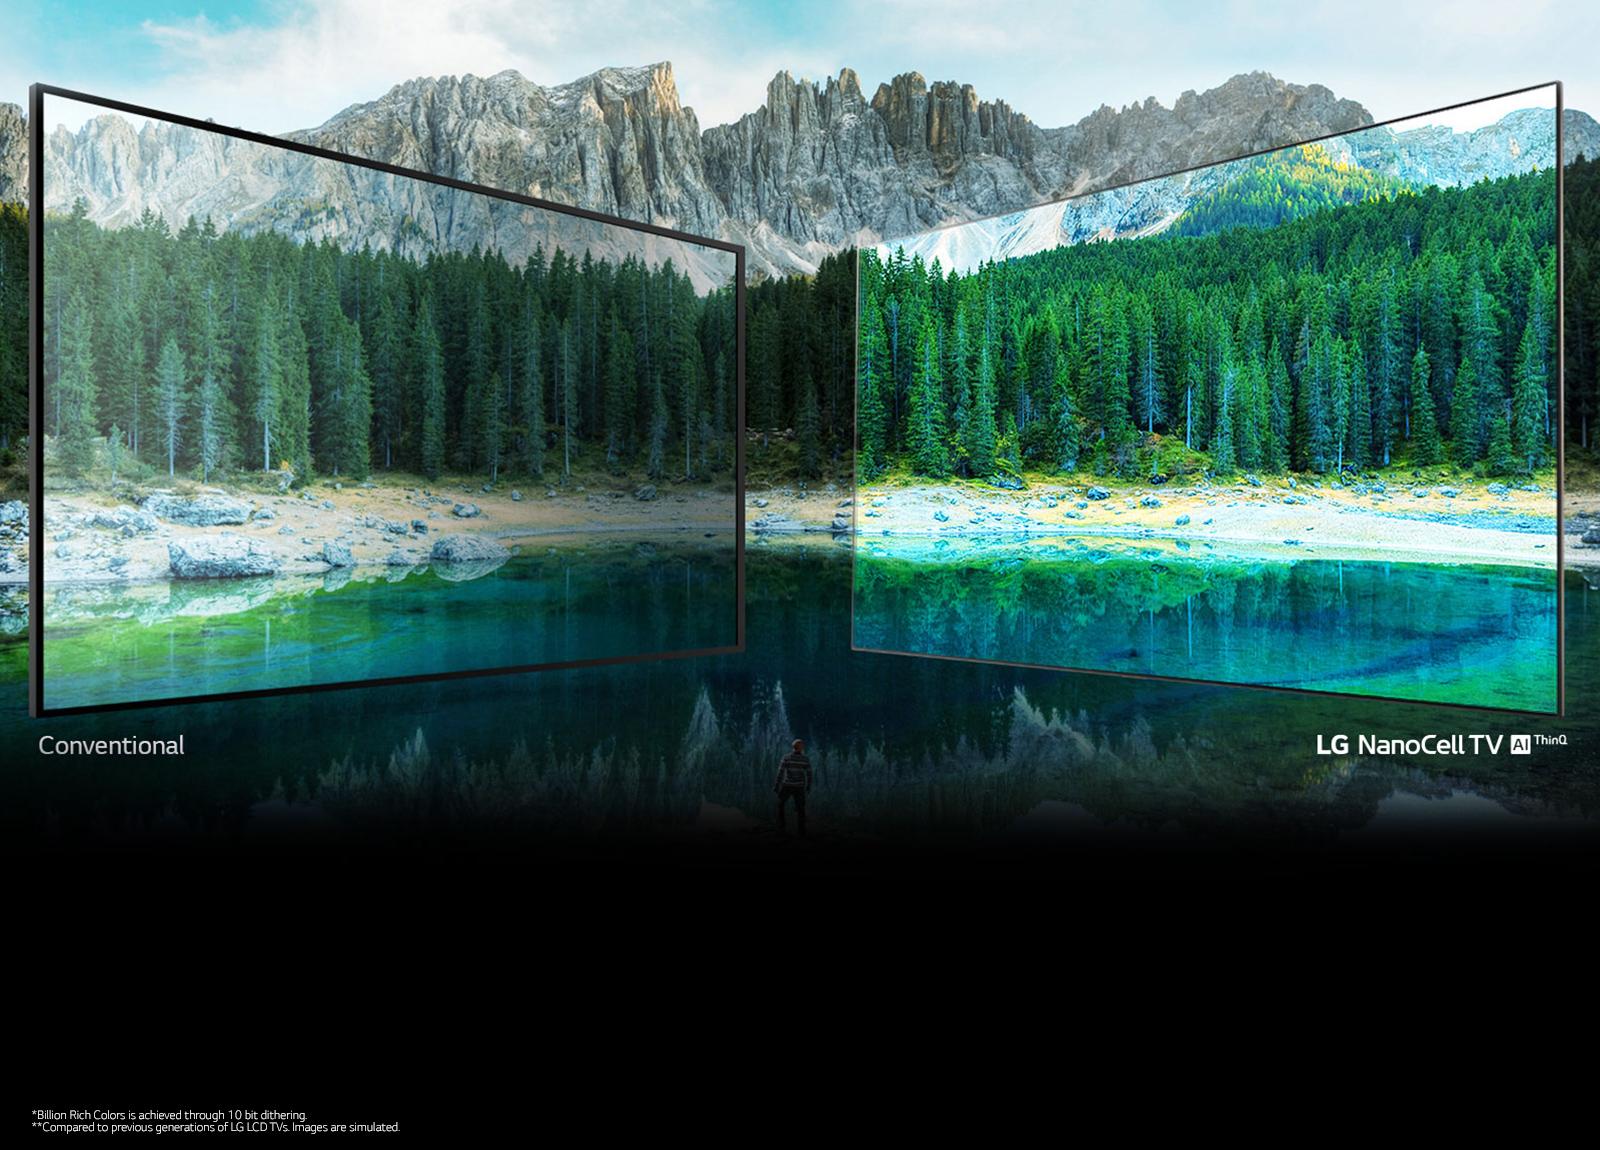 LG NanoCell TV 4K